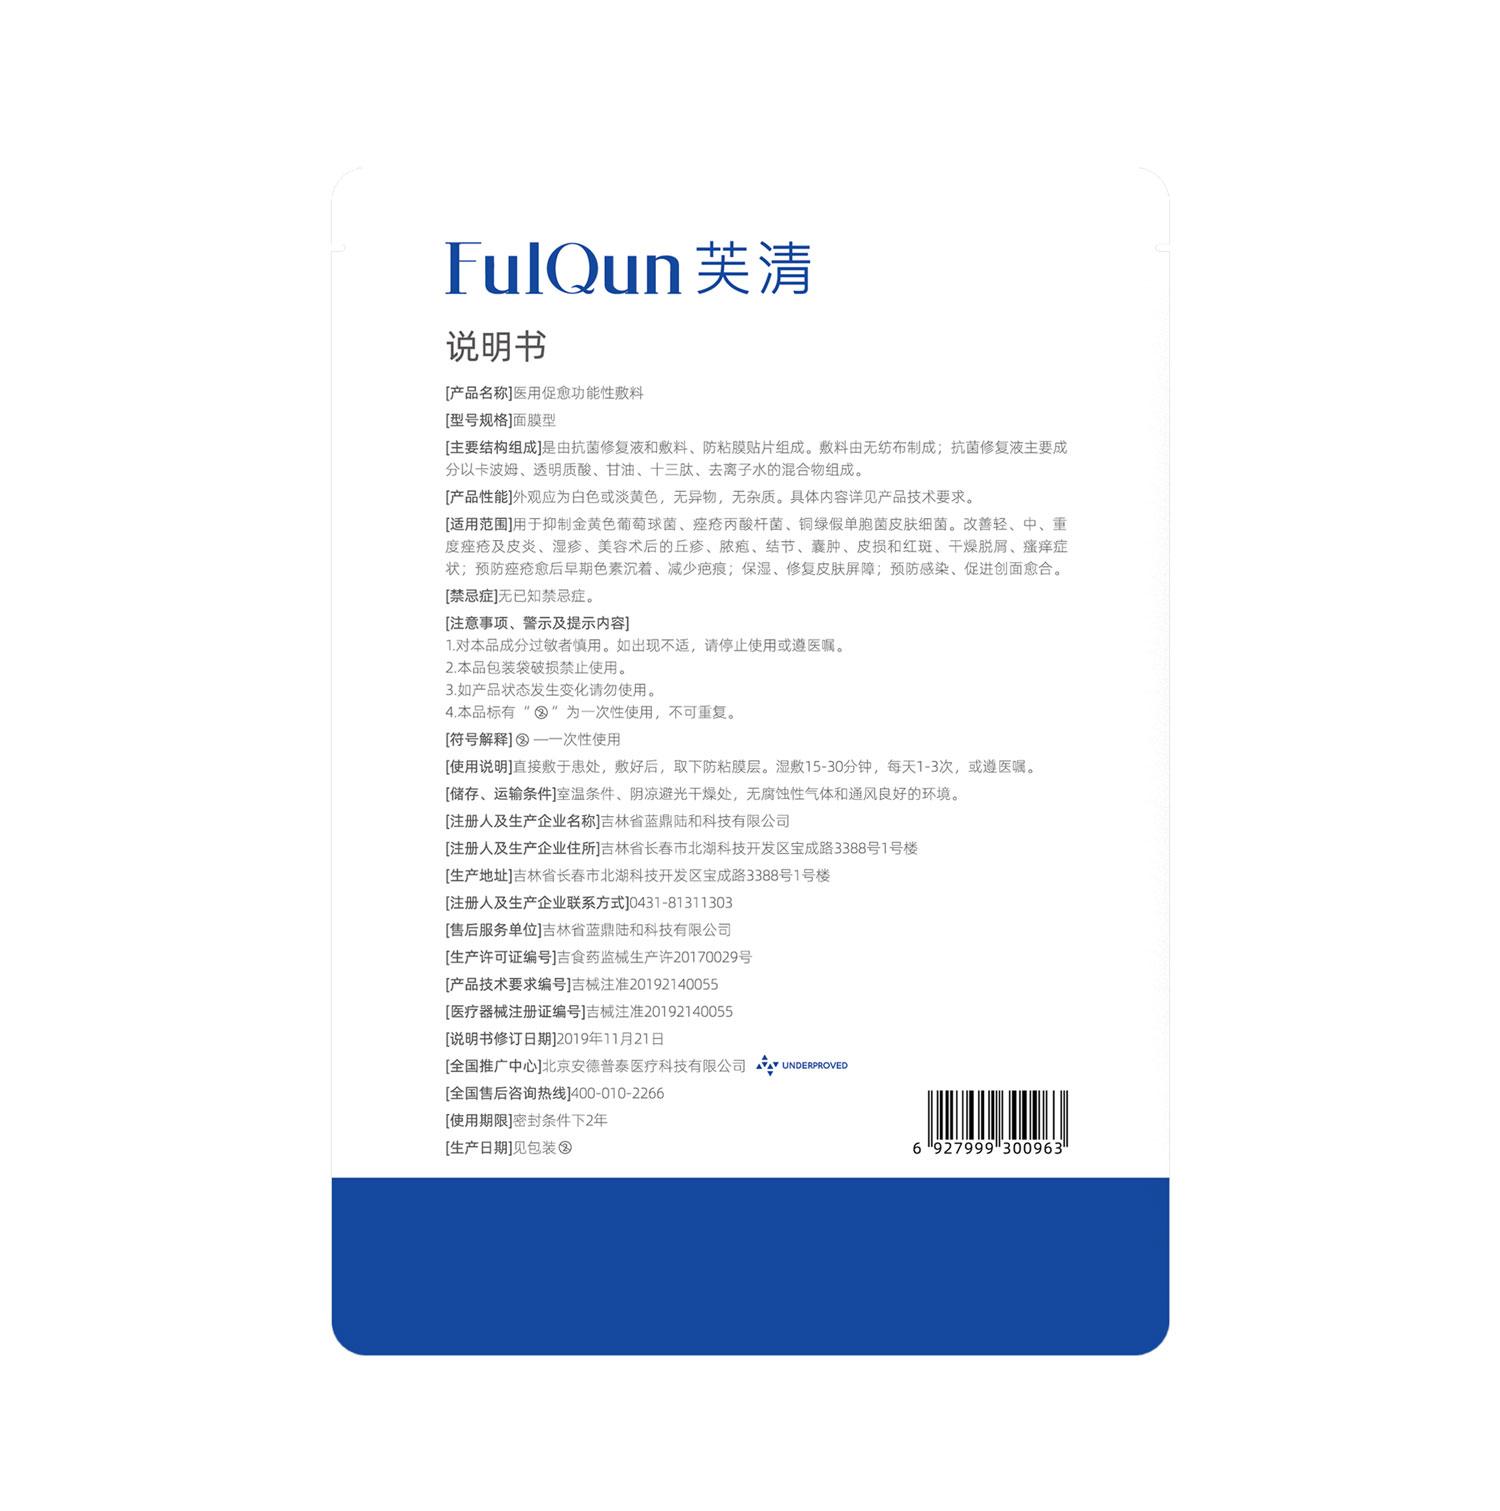 FQ芙清阿里健康联名款医用敷料5片痤疮皮炎湿疹锁水保湿敏感修复